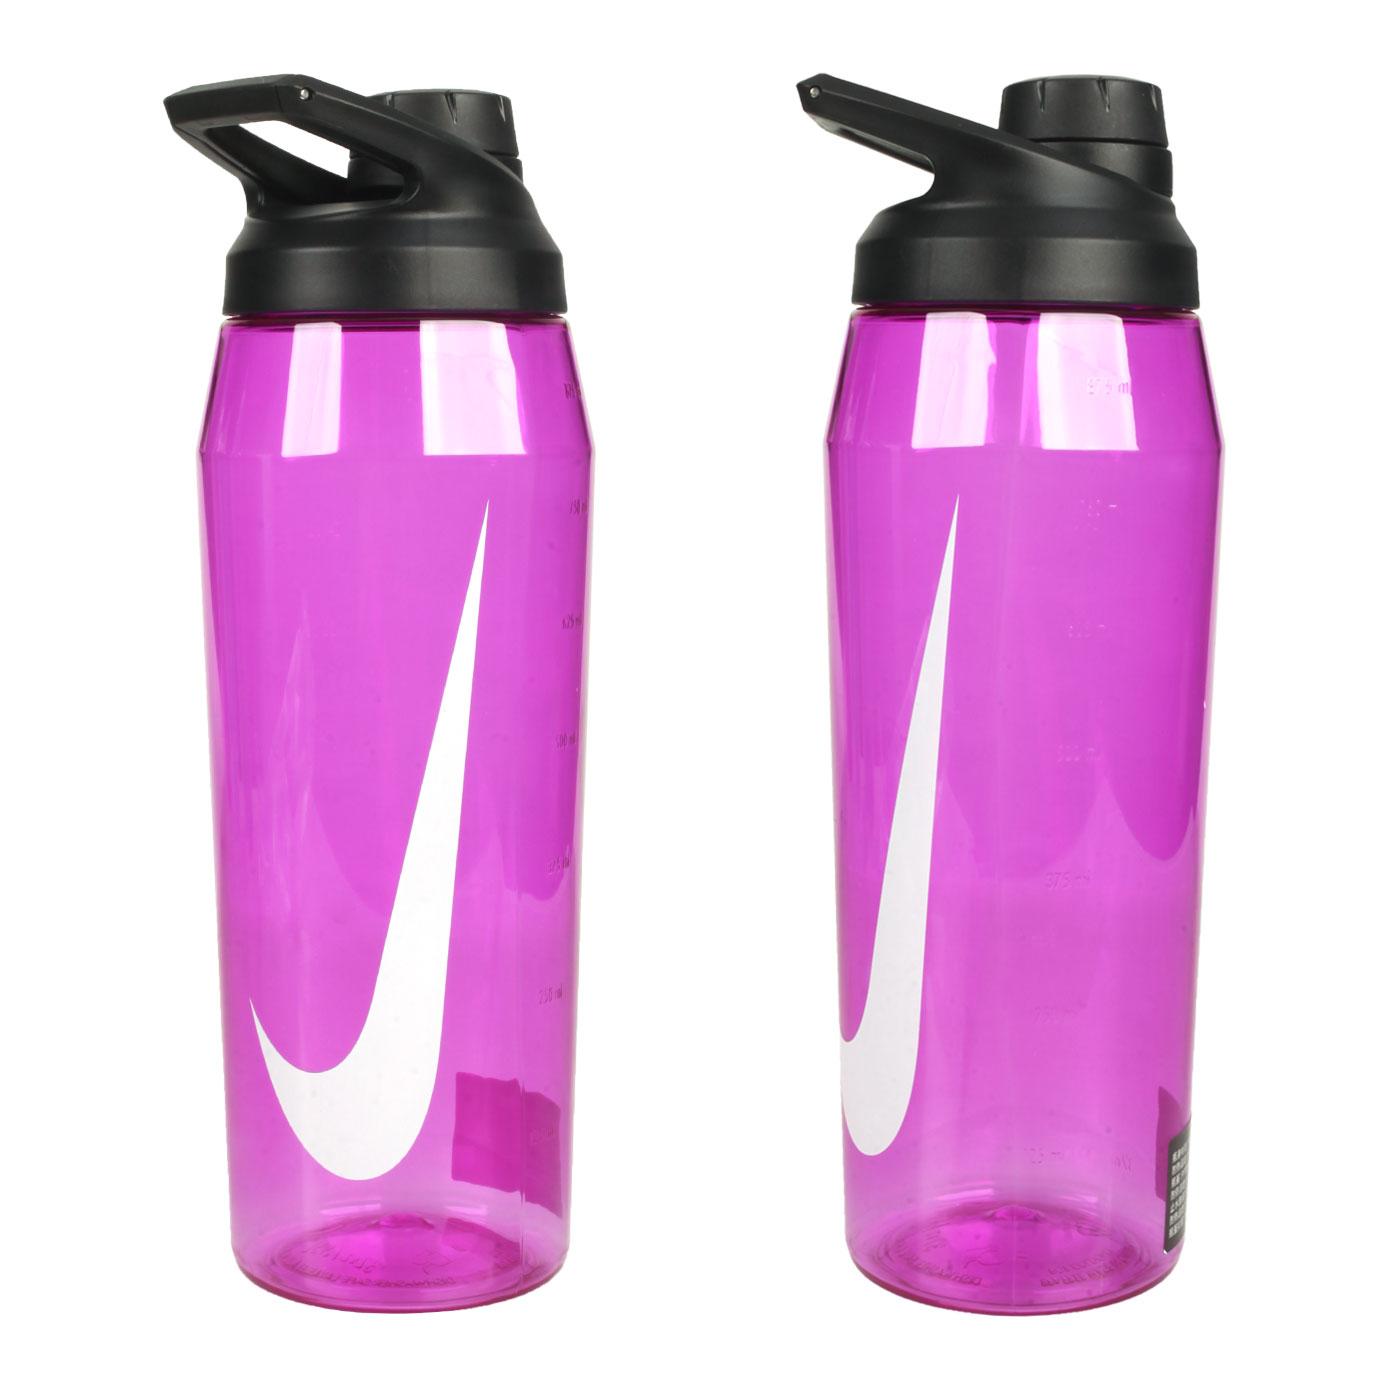 NIKE 32OZ 大口徑水壺 N100062302532 - 紫白